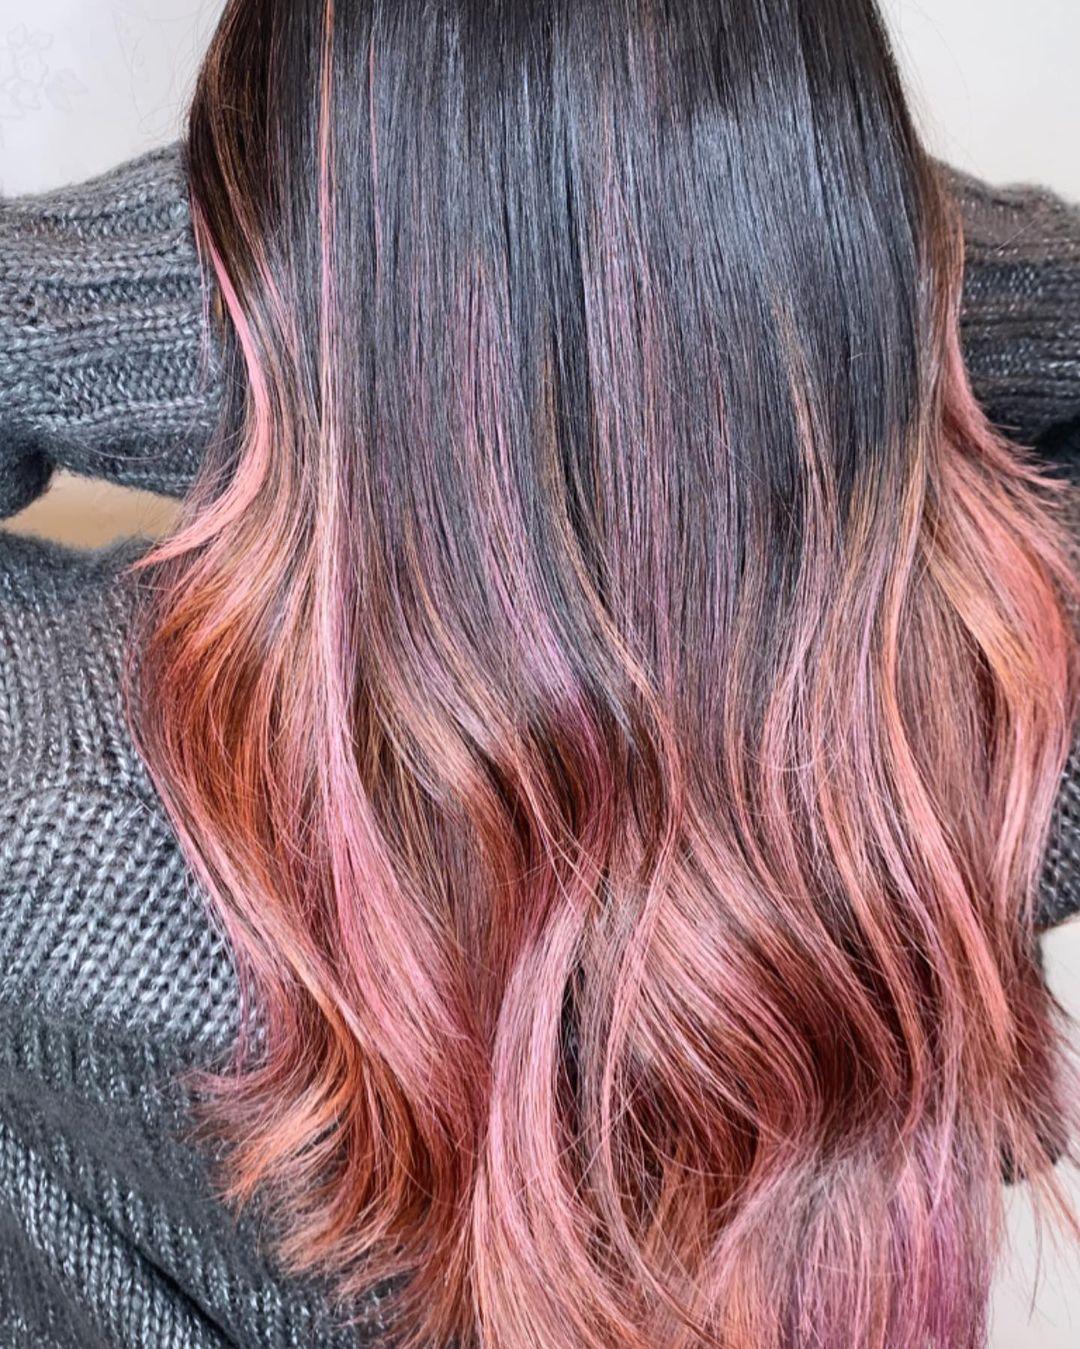 الشعر الأسود مع الهايلايت الأحمر